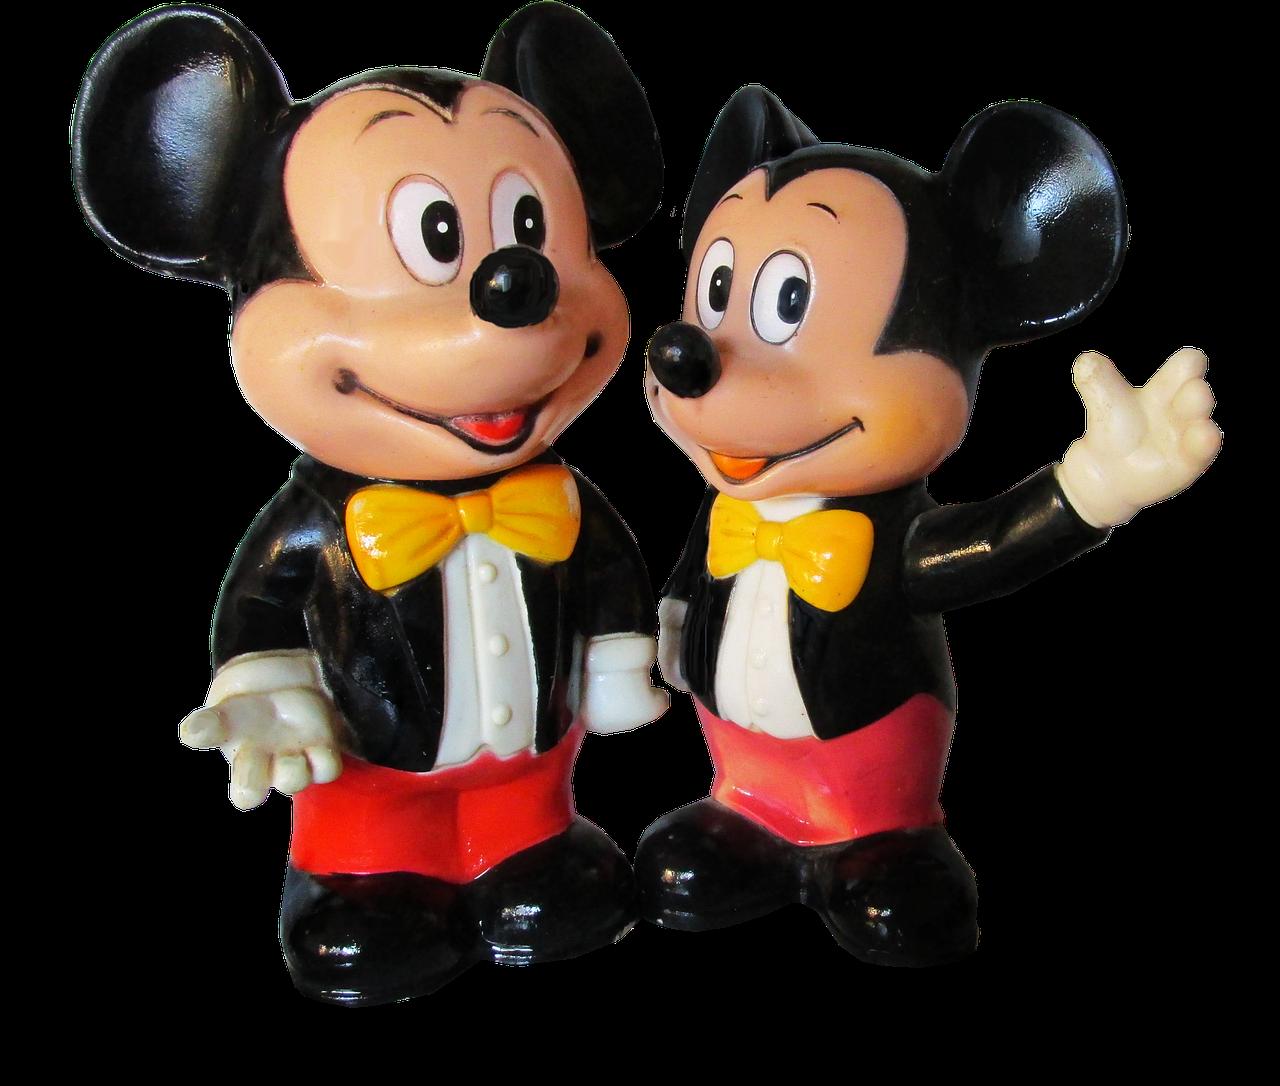 Puslespil med Disney motiver er populære